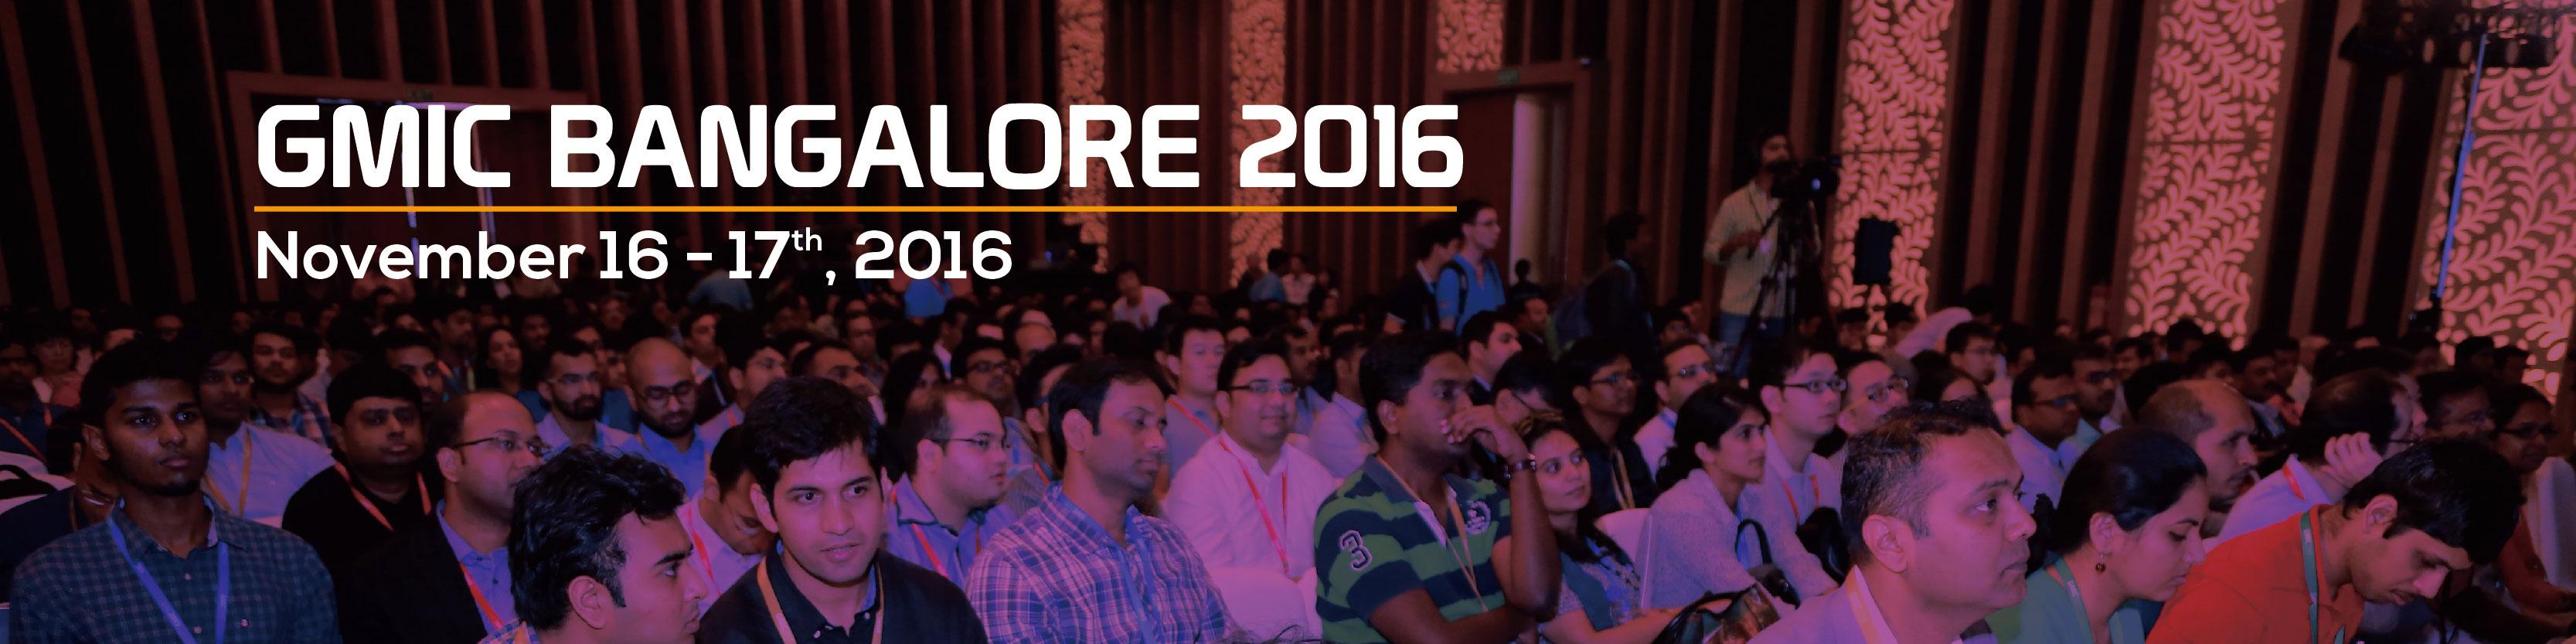 GMICBangalore2016